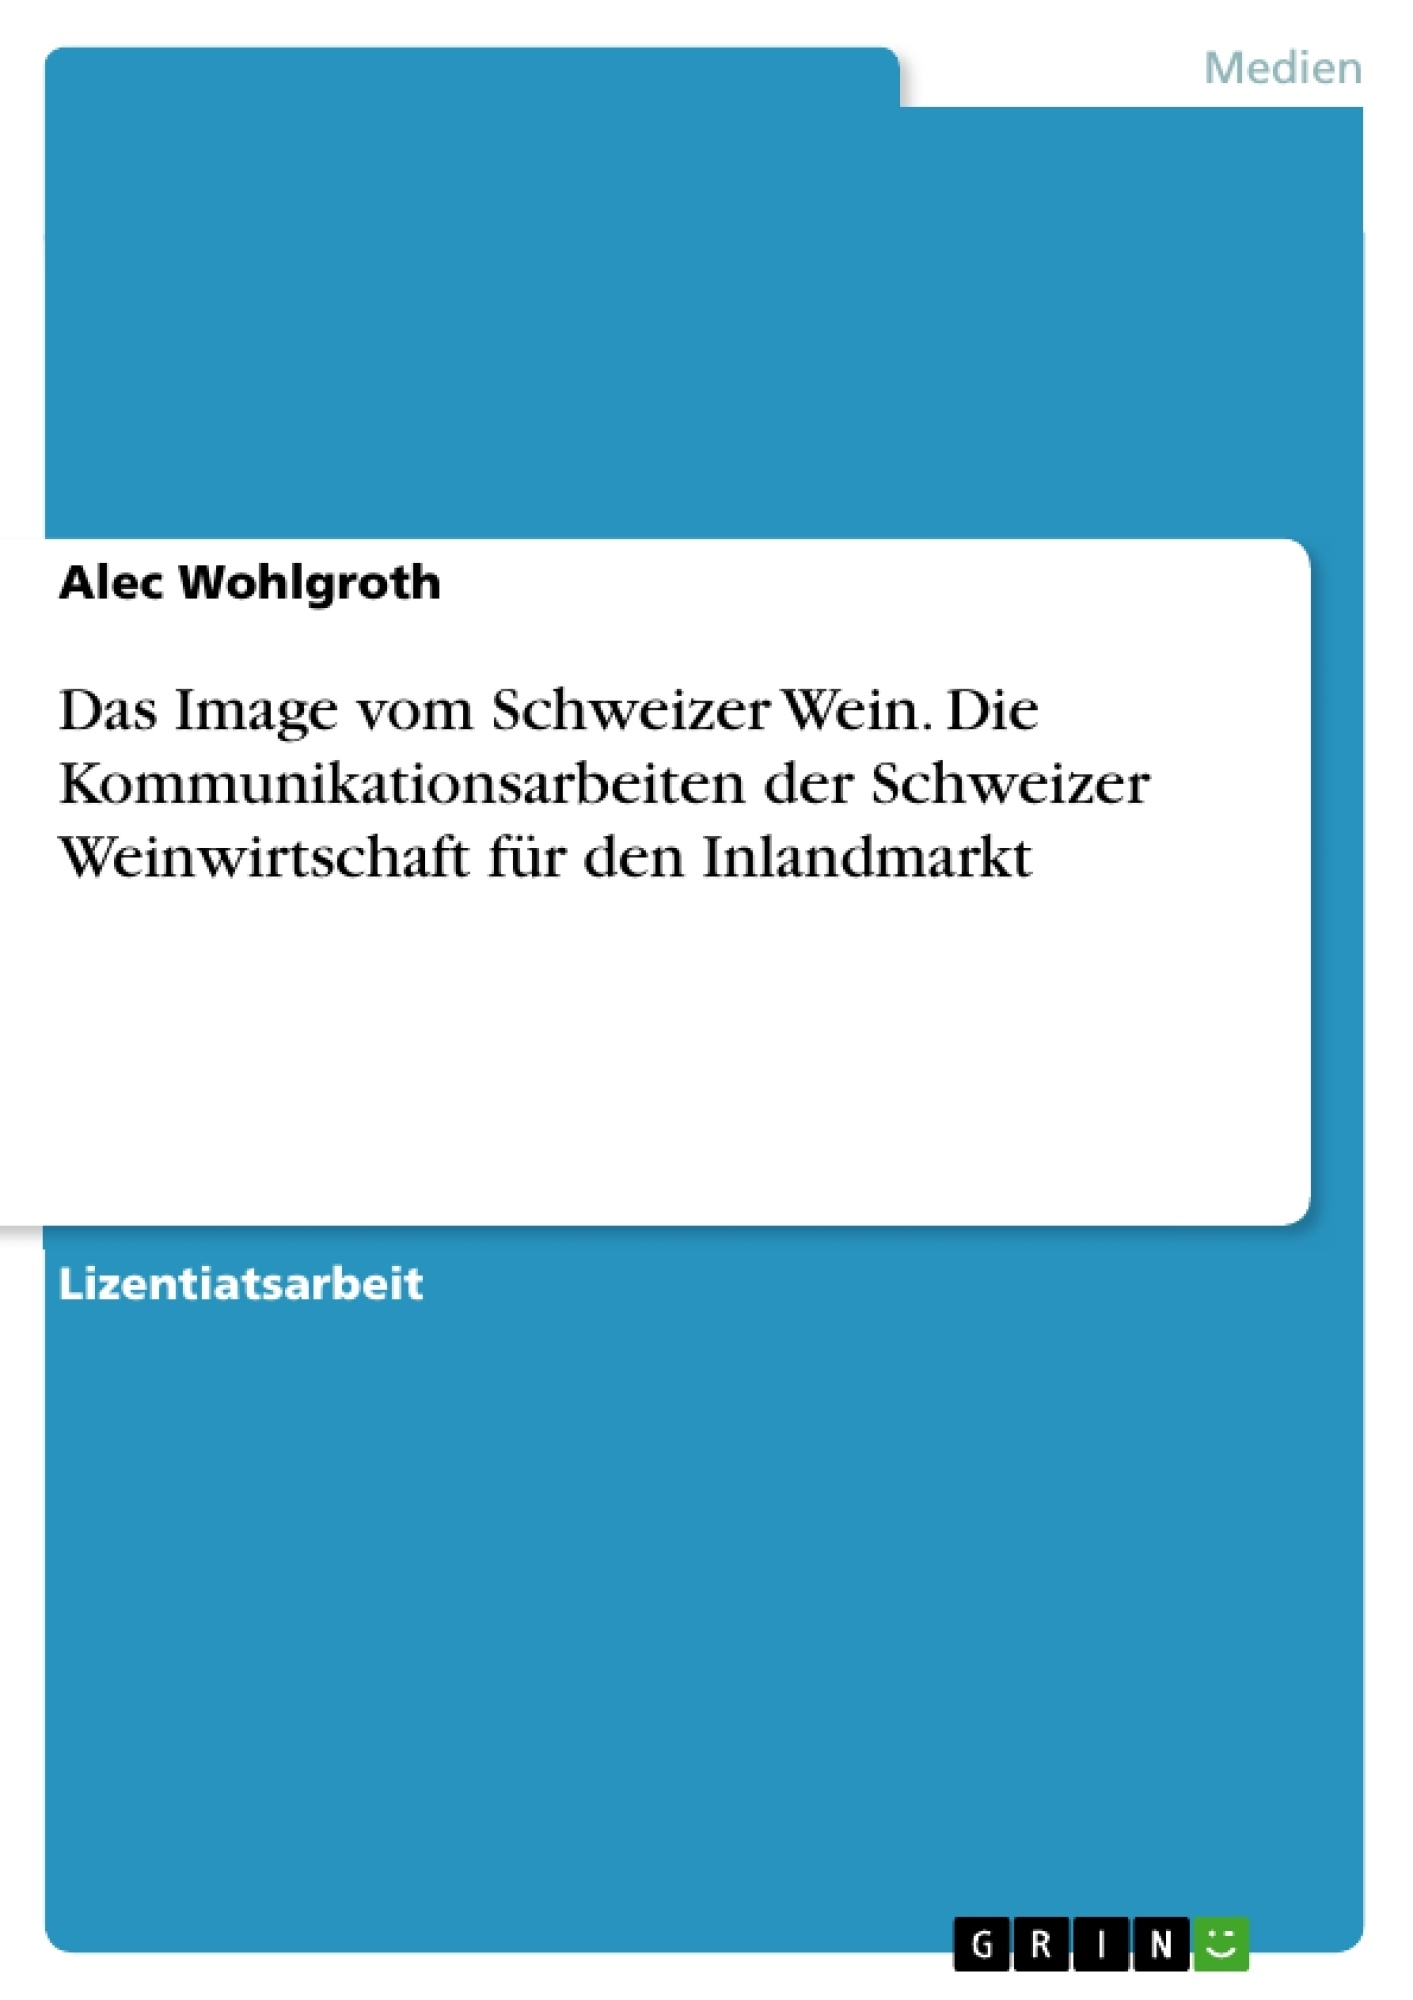 Titel: Das Image vom Schweizer Wein. Die Kommunikationsarbeiten der Schweizer Weinwirtschaft für den Inlandmarkt